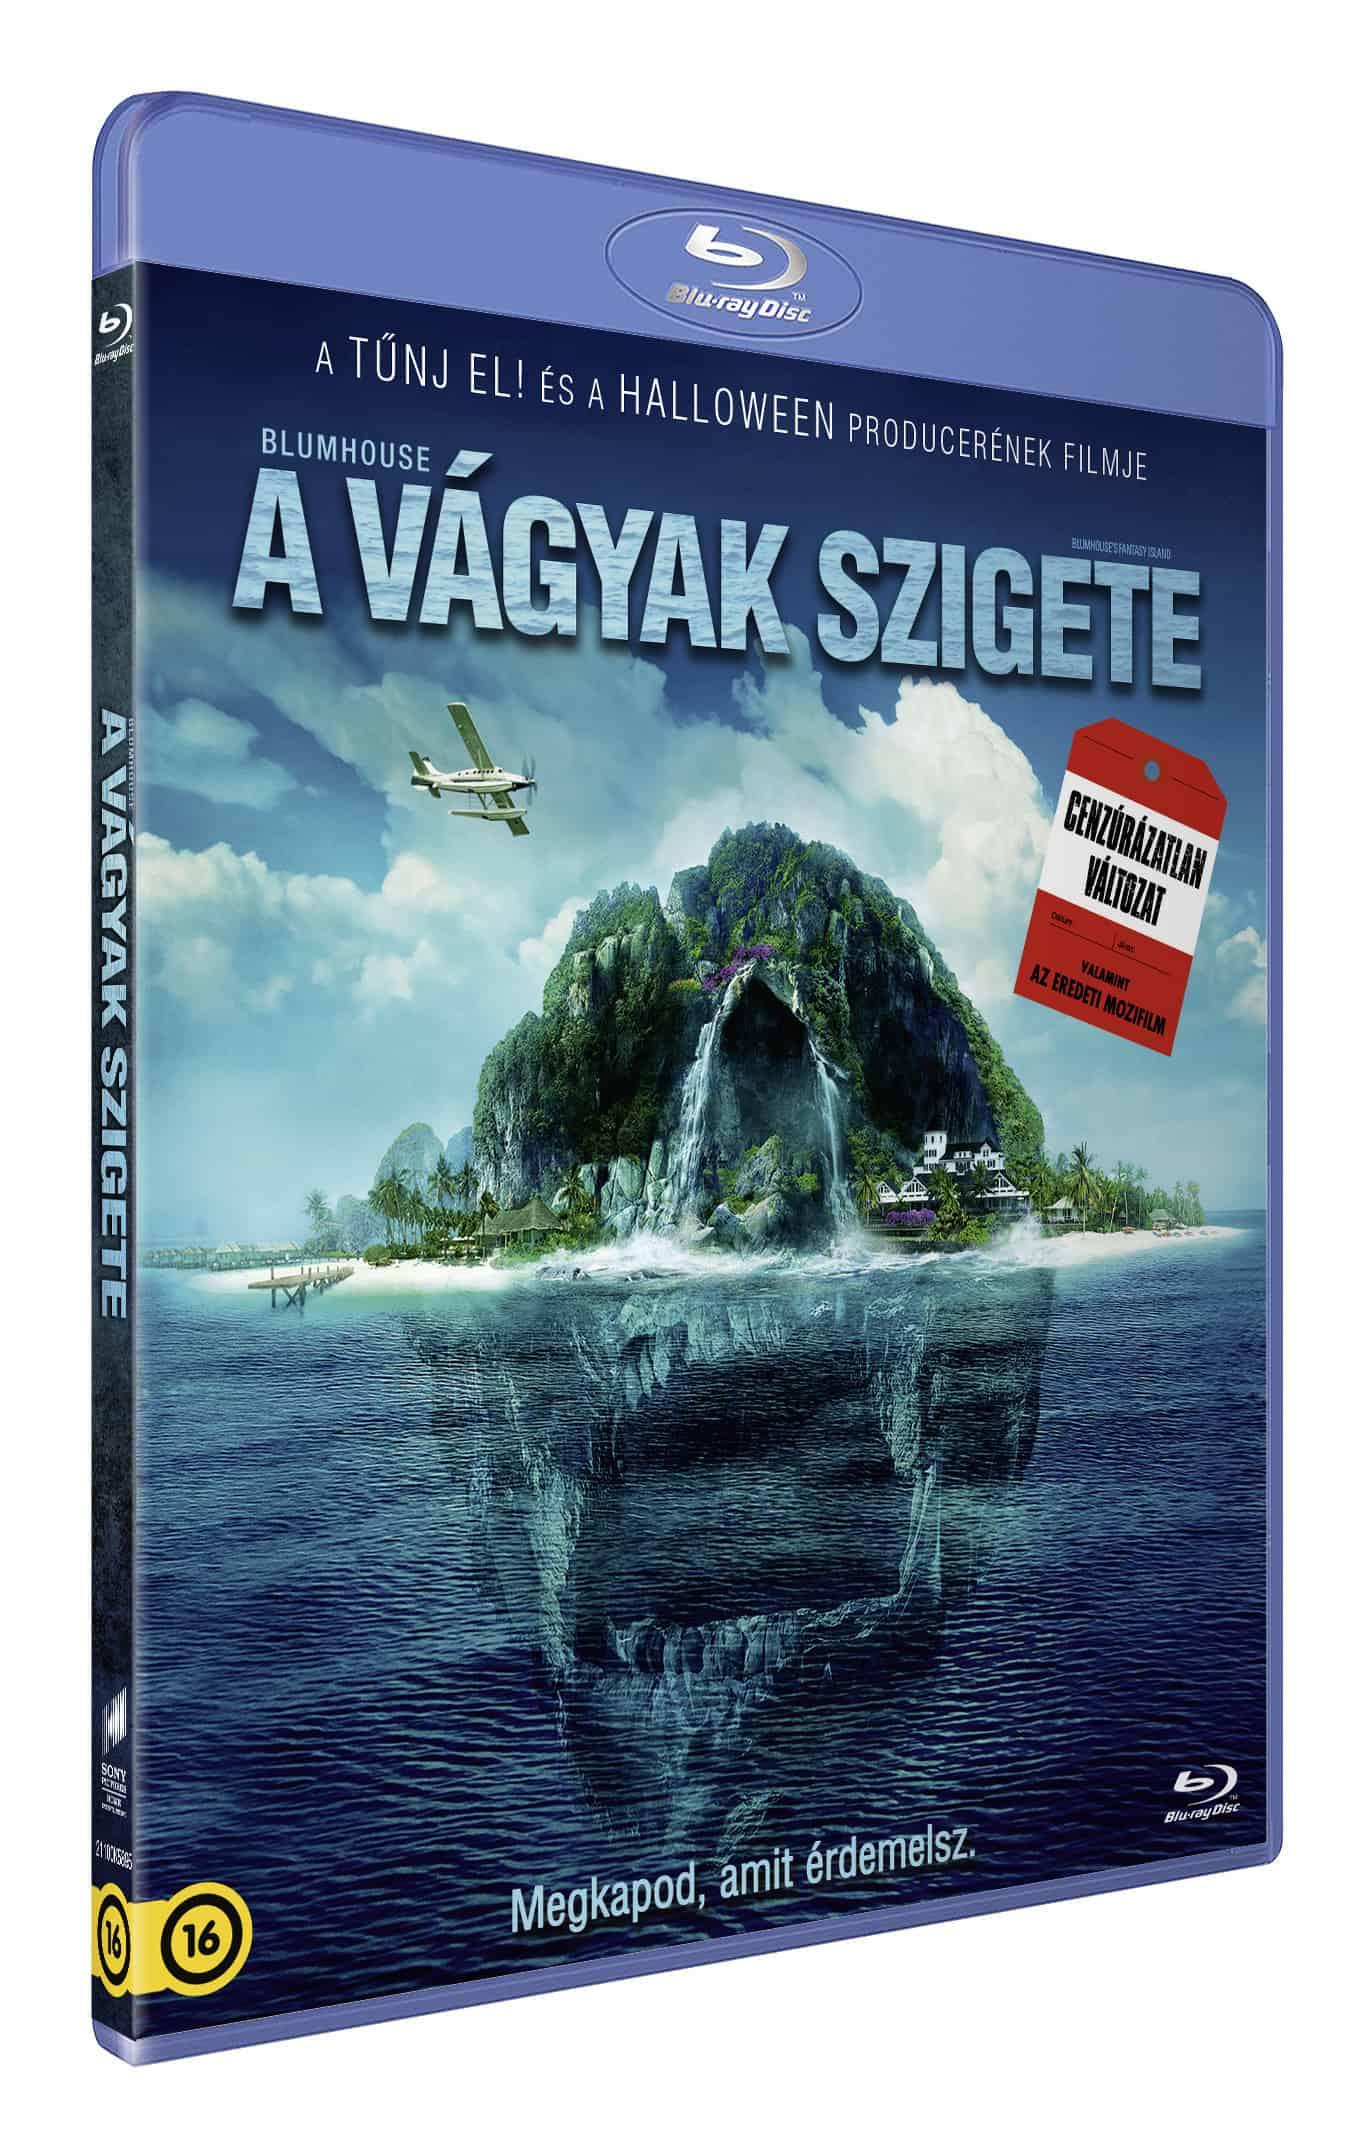 A vágyak szigete (mozi- és cenzúrázatlan változat) - Blu-ray